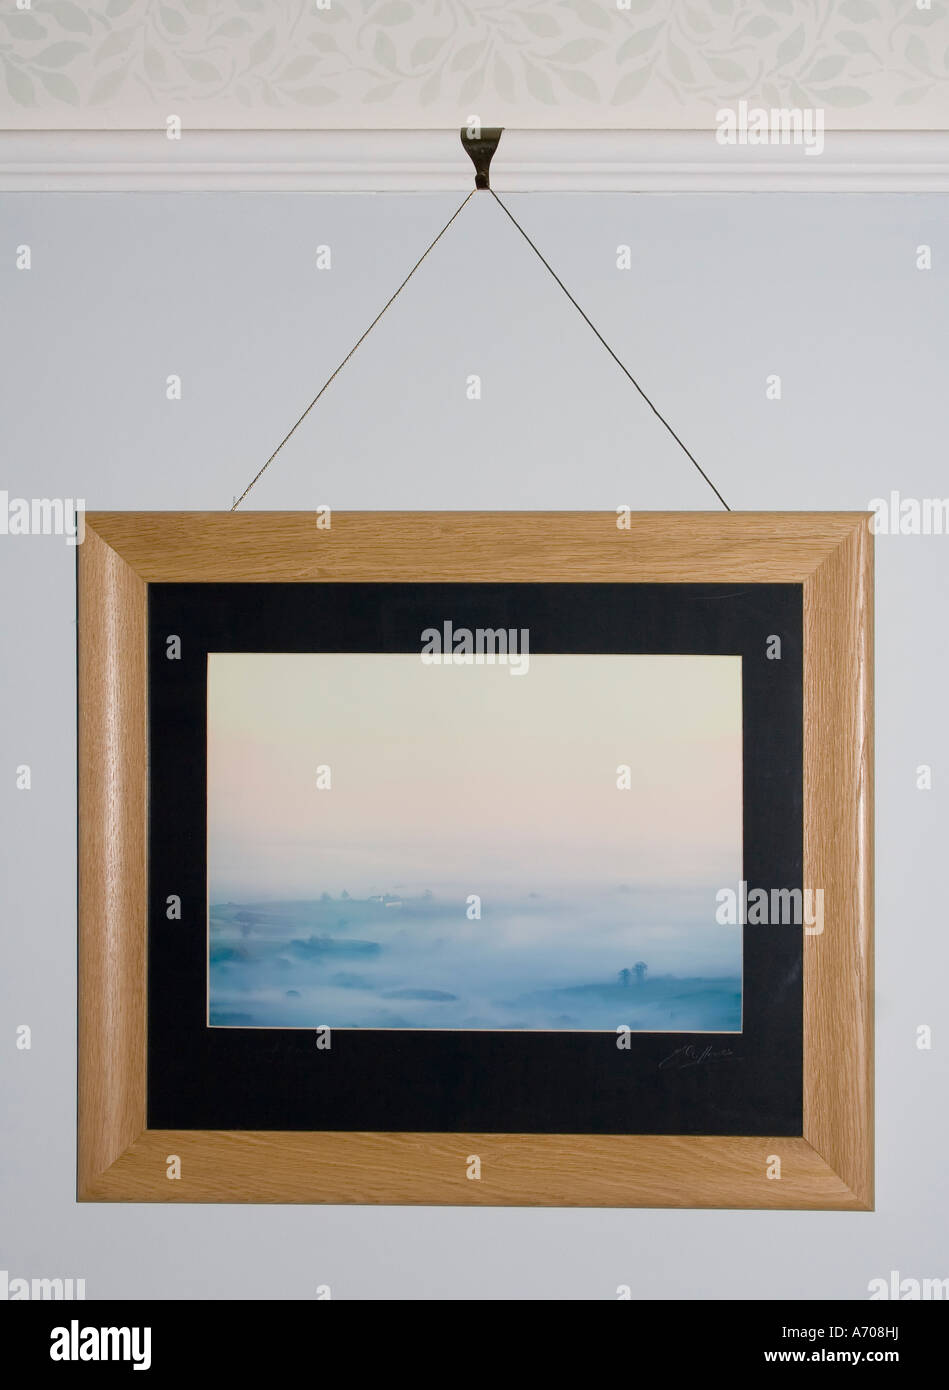 Foto im Eichenrahmen von Dado Schiene Wales UK Foto hängen ist Copyright veröffentlicht Stockbild